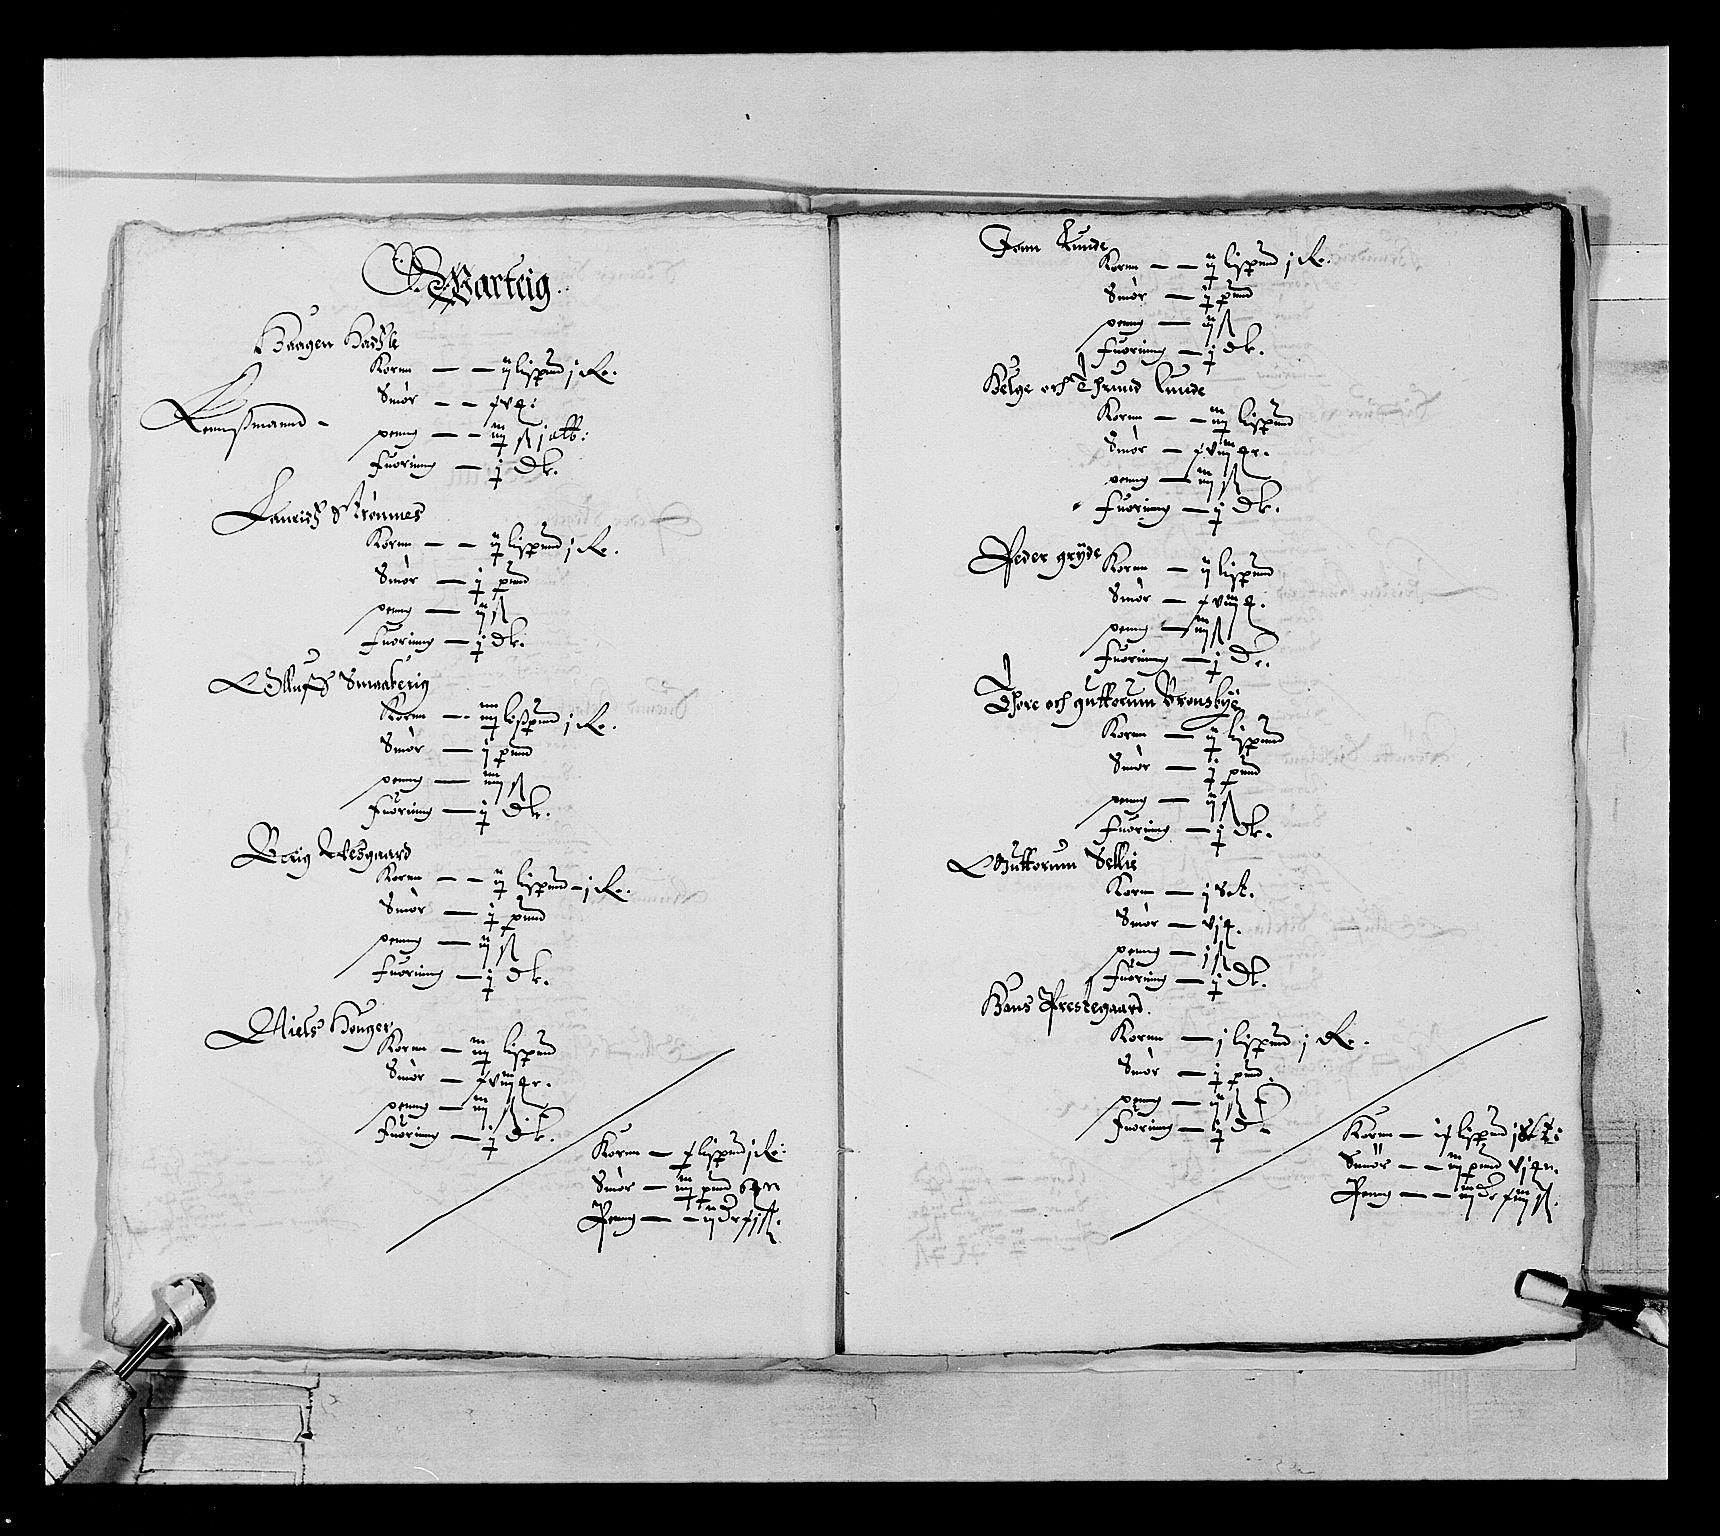 RA, Stattholderembetet 1572-1771, Ek/L0022: Jordebøker 1633-1658:, 1646-1647, s. 17